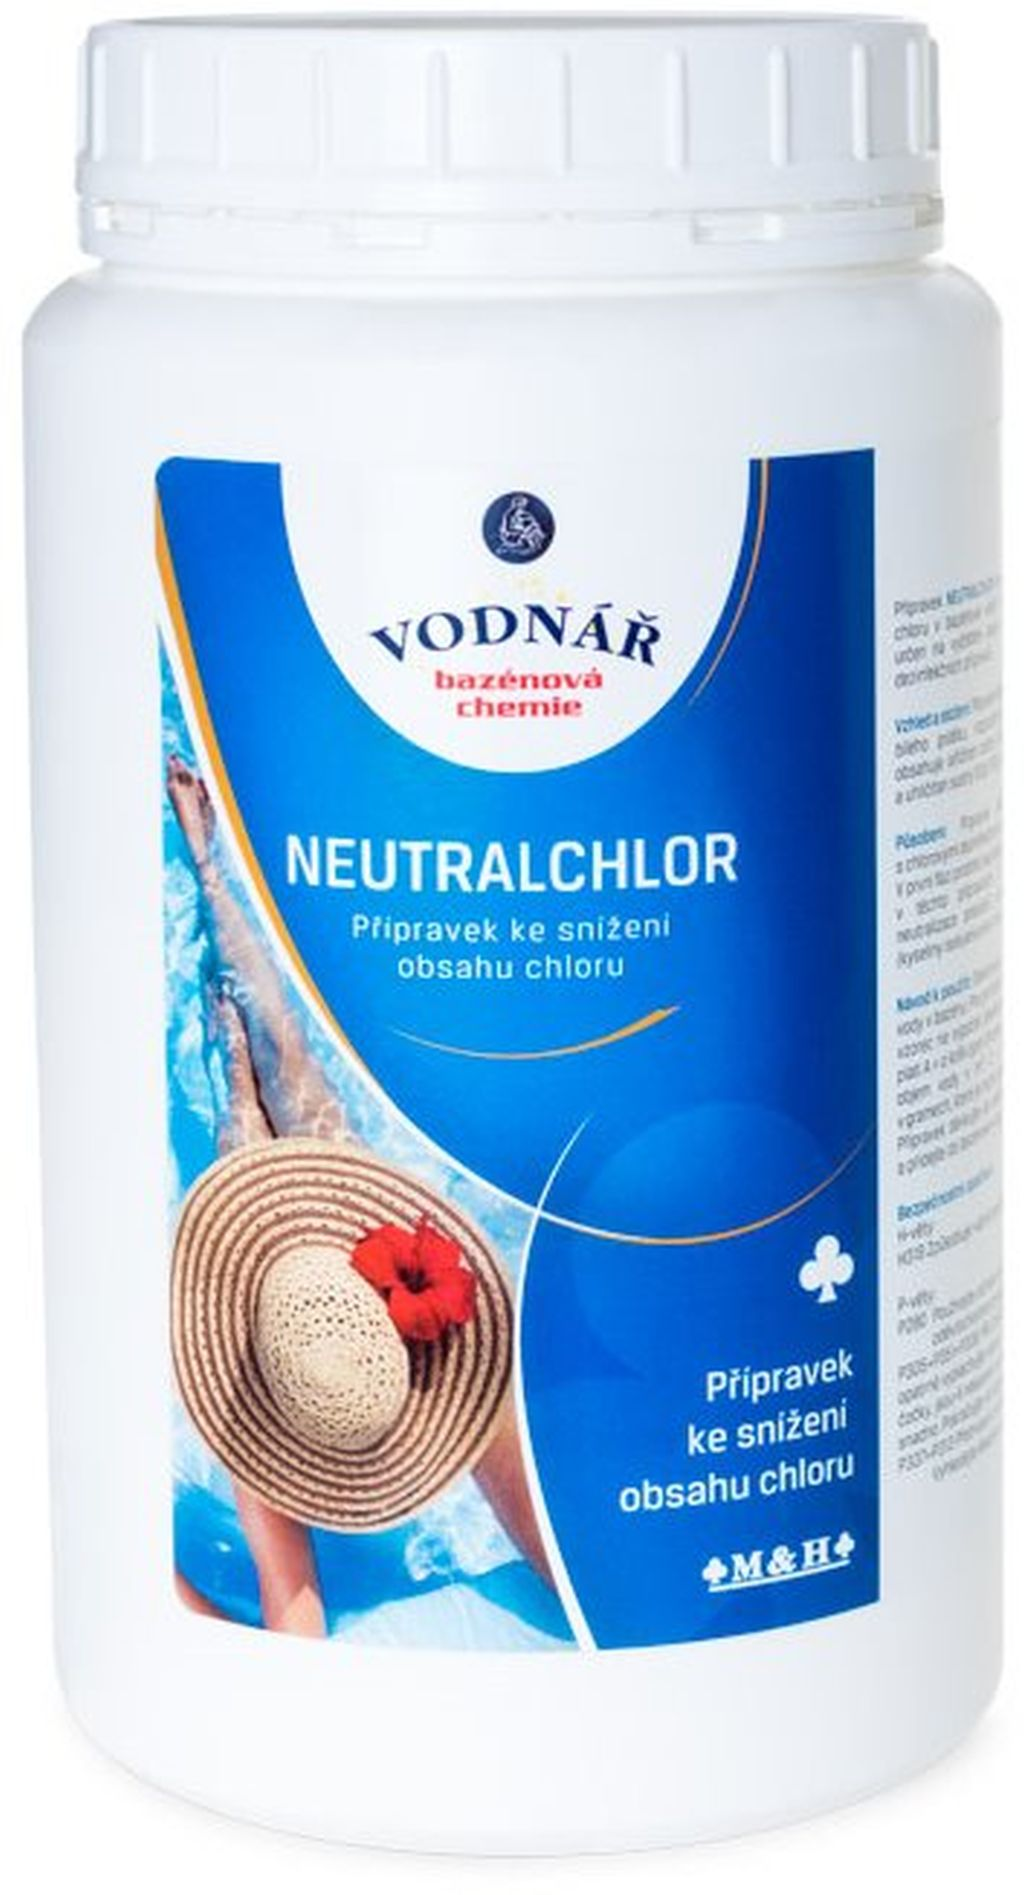 VODNÁŘ Neutralchlor 1kg 20-00-022